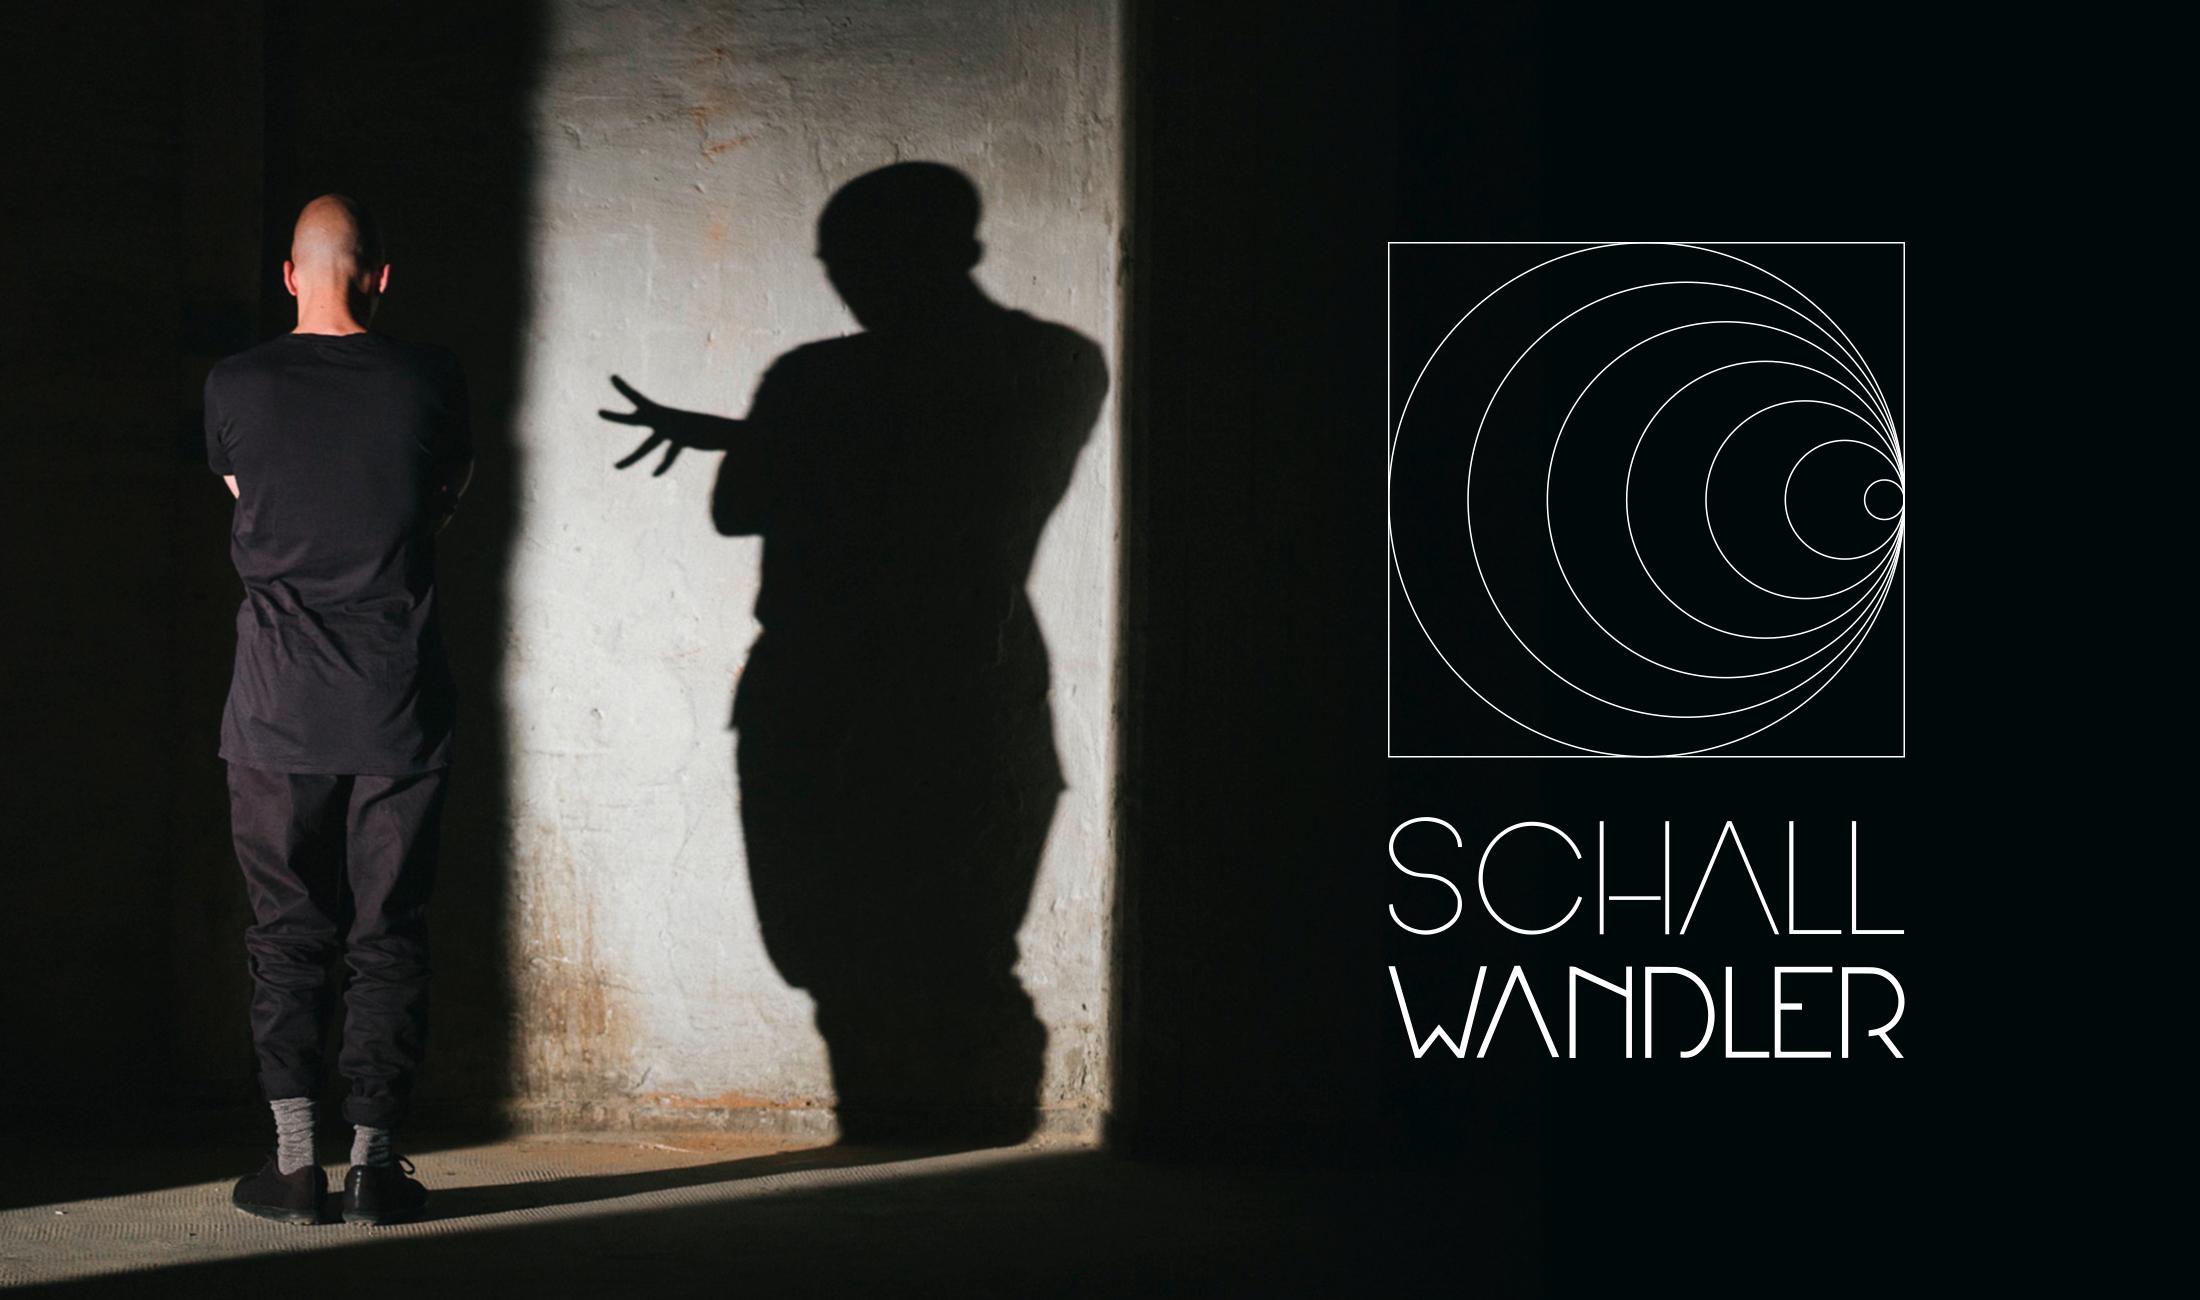 Neuer Podcast: 'Schallwandler' spricht mit prägenden Künstlern der elektronischen Szene